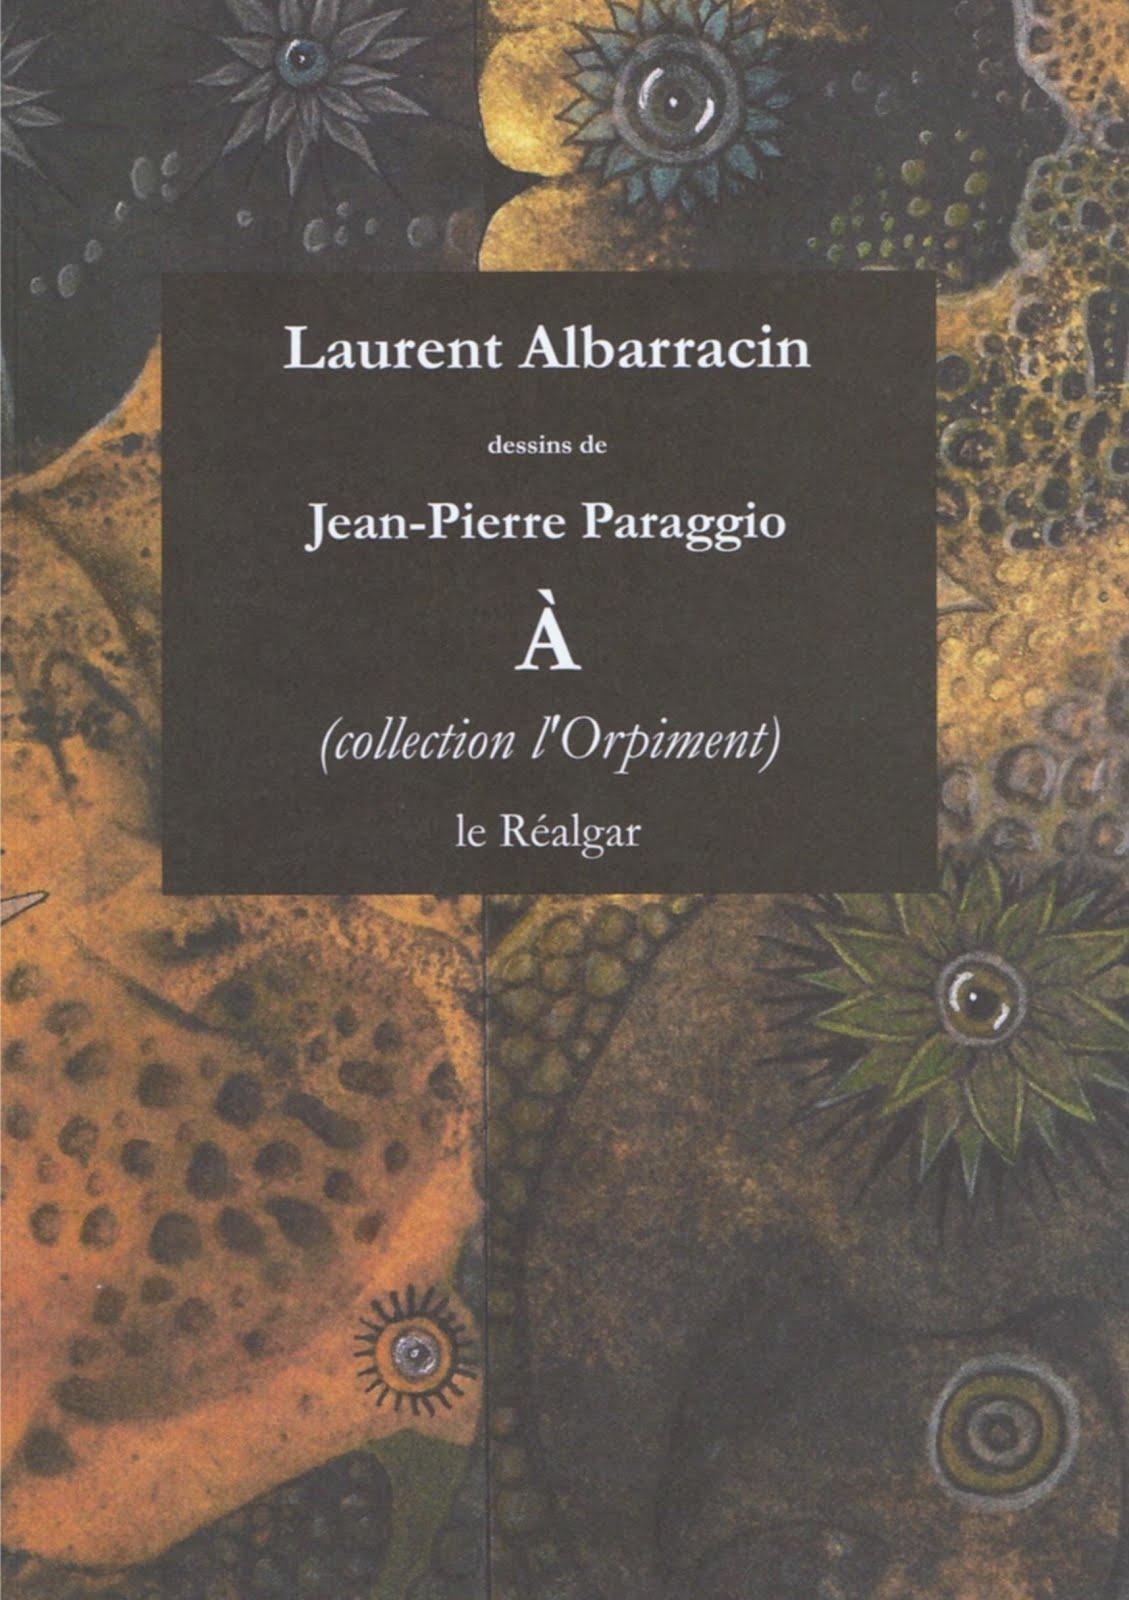 Laurent ALBARRACIN, À avec des Images de Jean-Pierre PARAGGIO